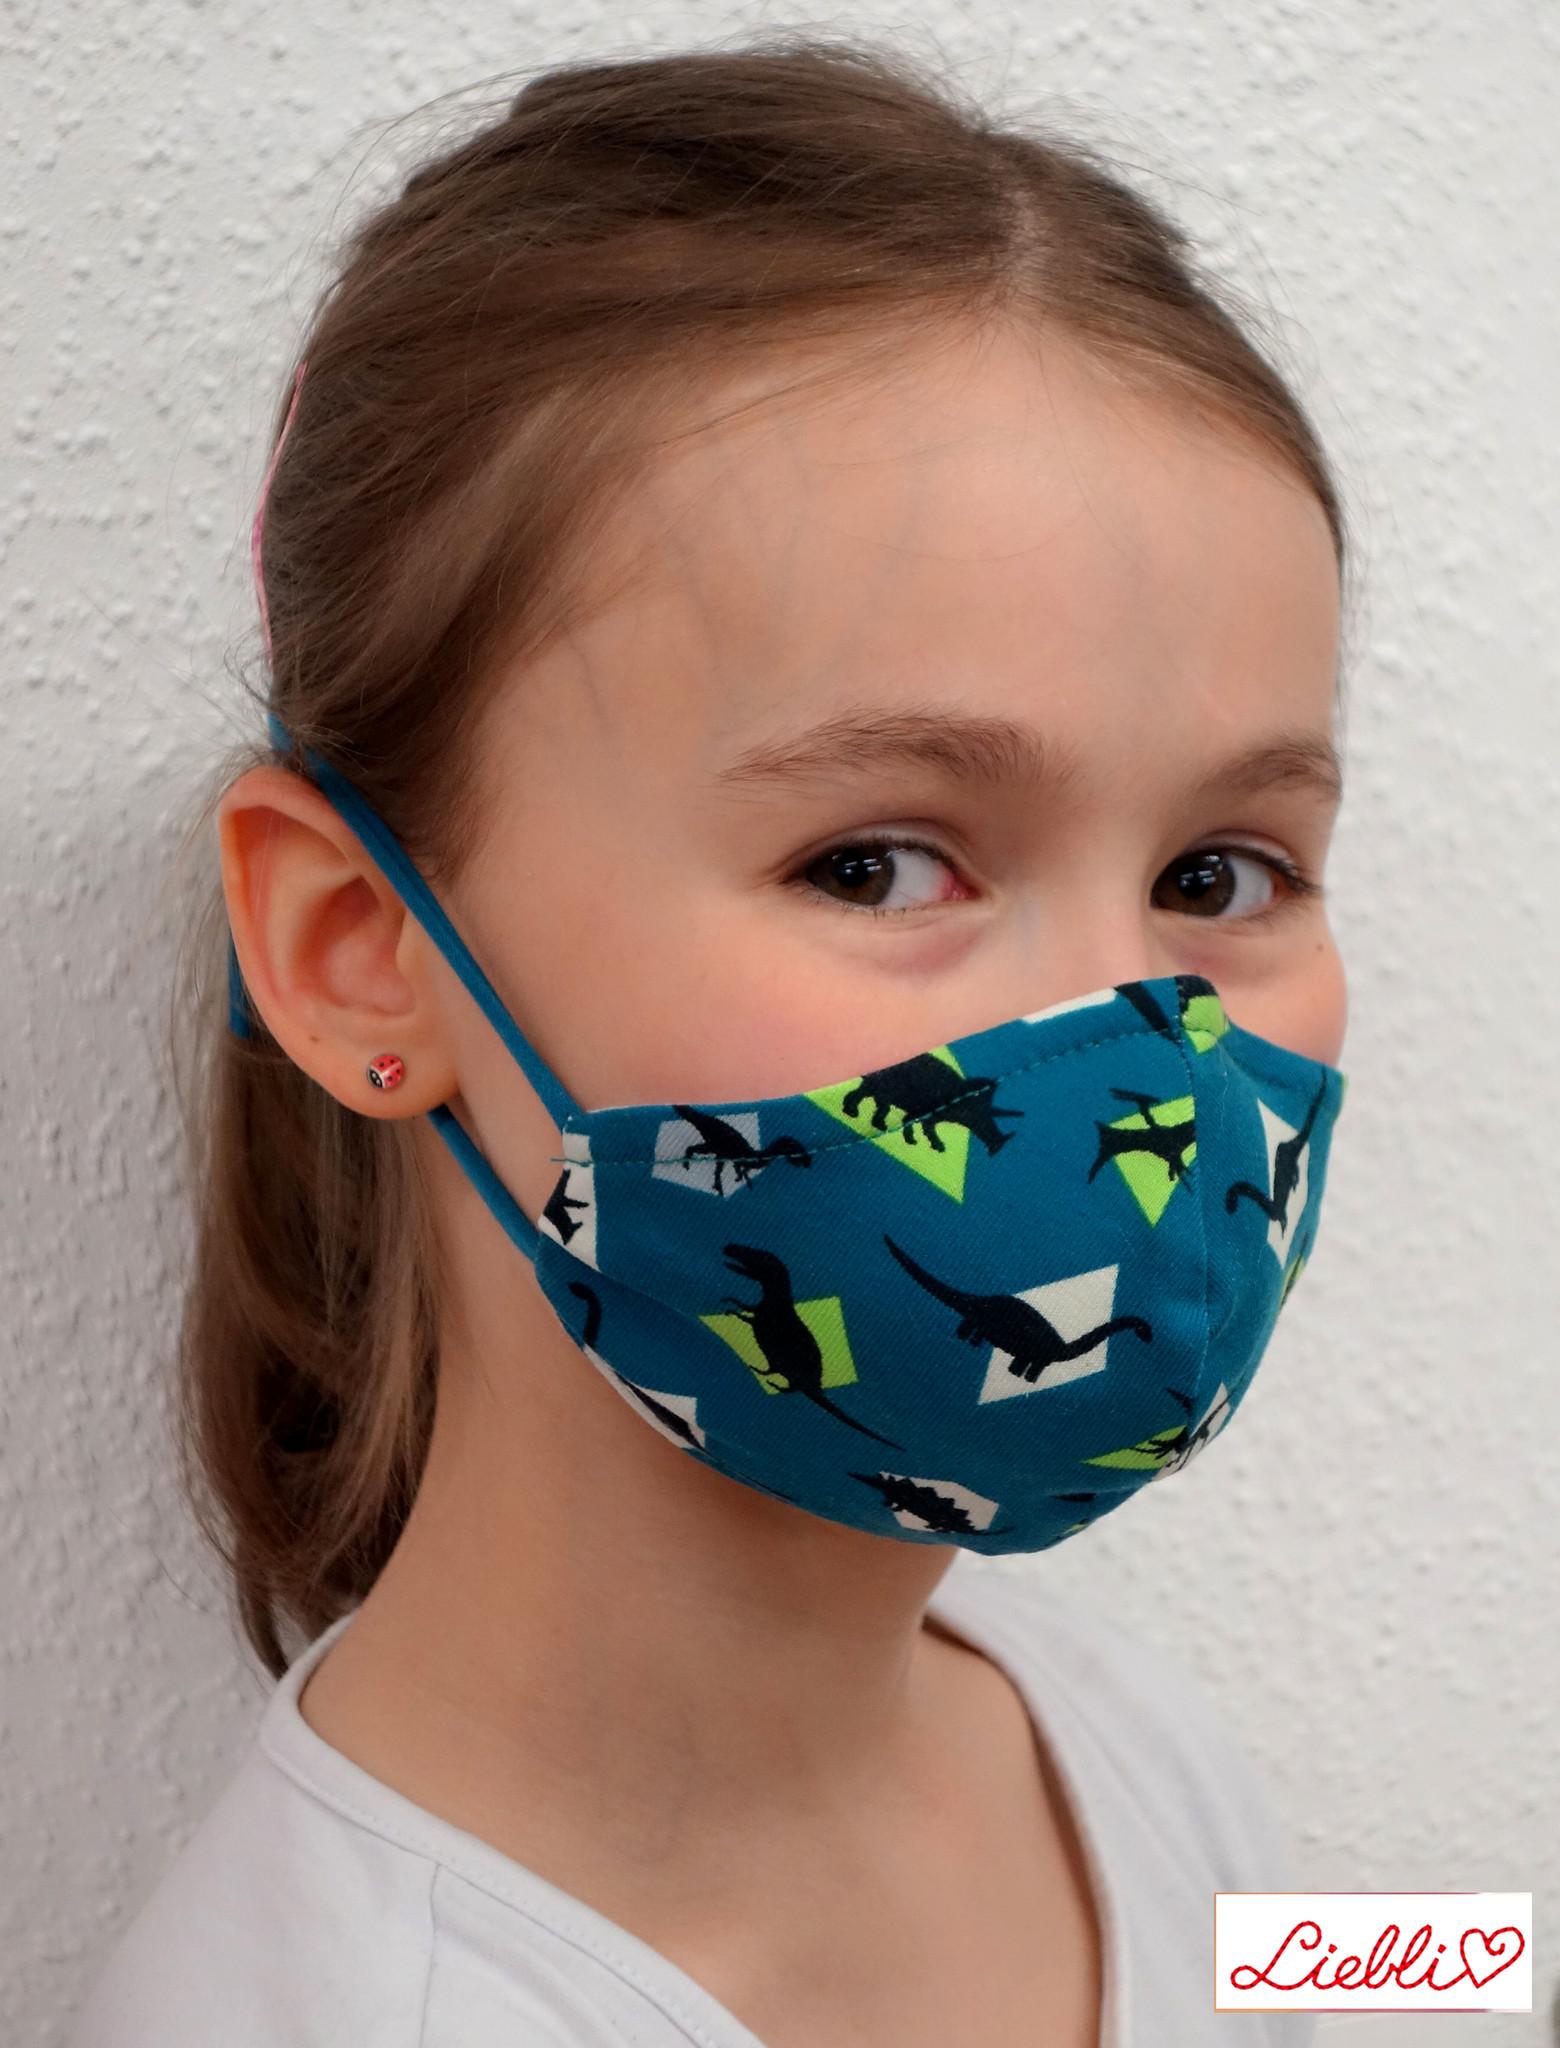 Kindermaske, Kinder Mundschutz, Mund-Nasen-Maske Dino petrol